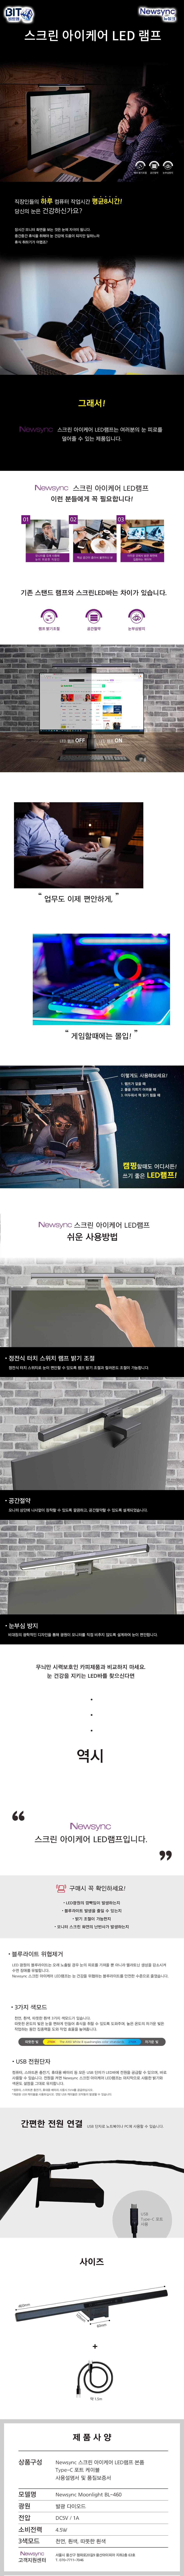 비트엠 Newsync LED 스크린 아이케어 문라이트 BL-460